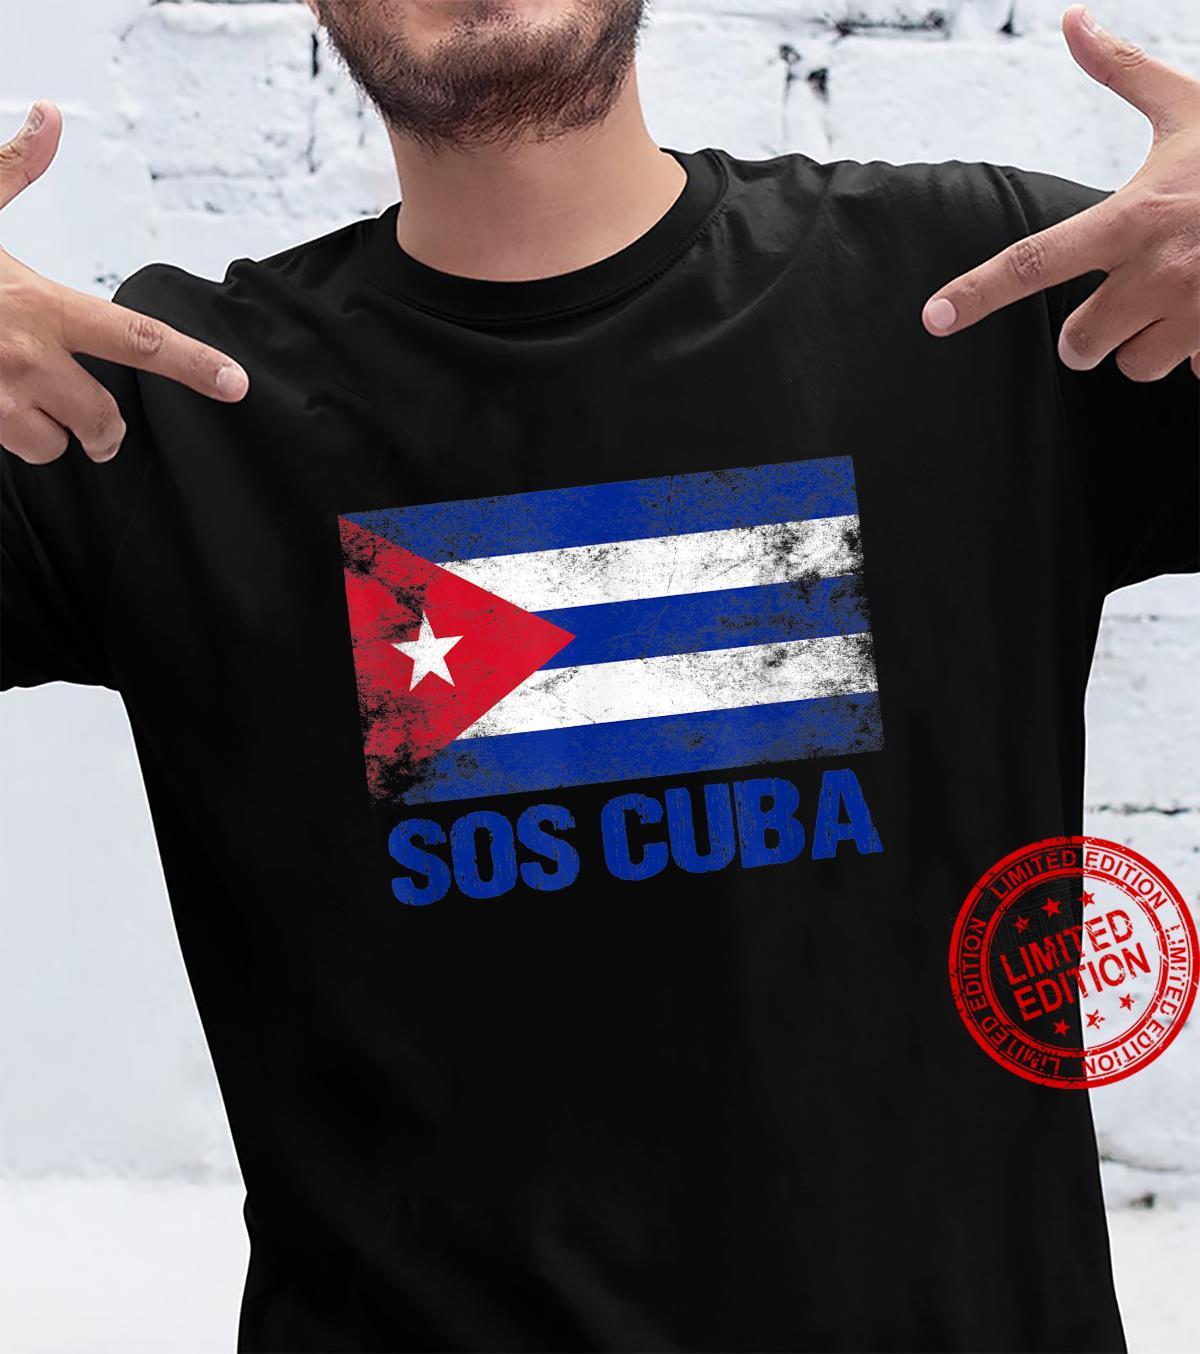 SOS Cuba Cuban Protest Flag and Cuba Libre Libertad Bandera Shirt